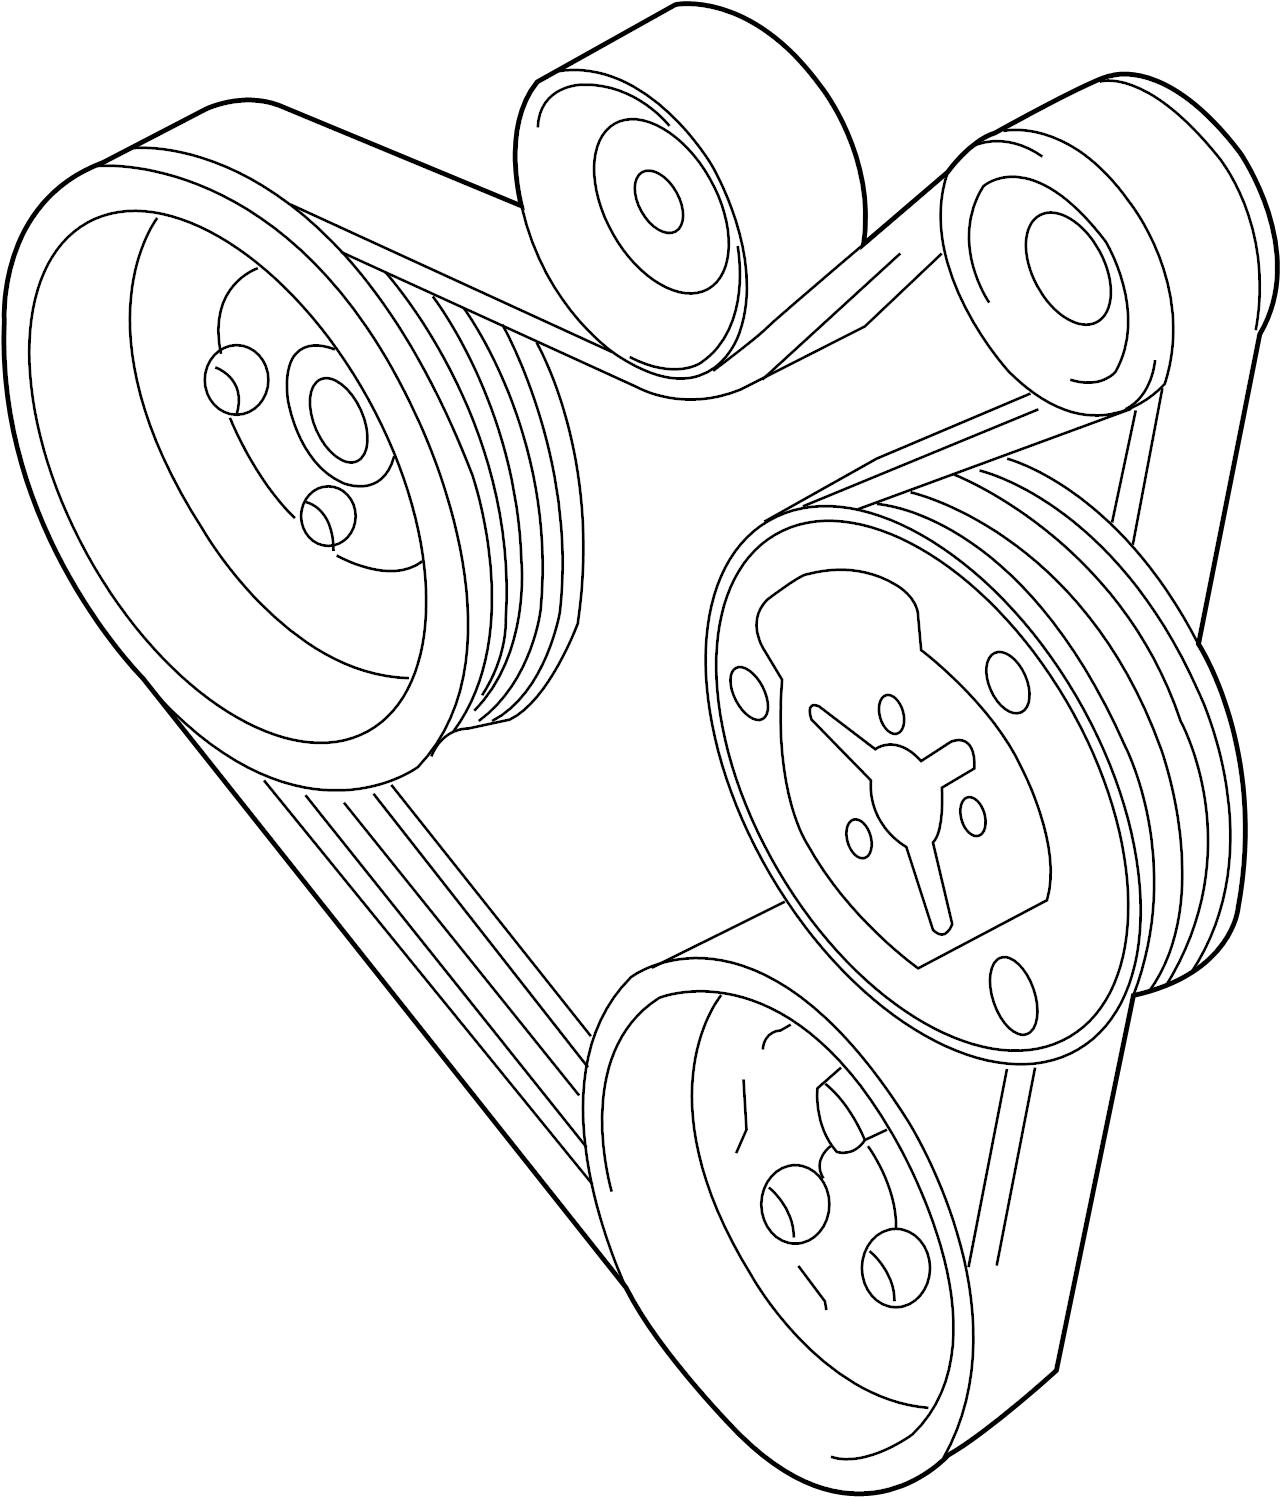 06a B